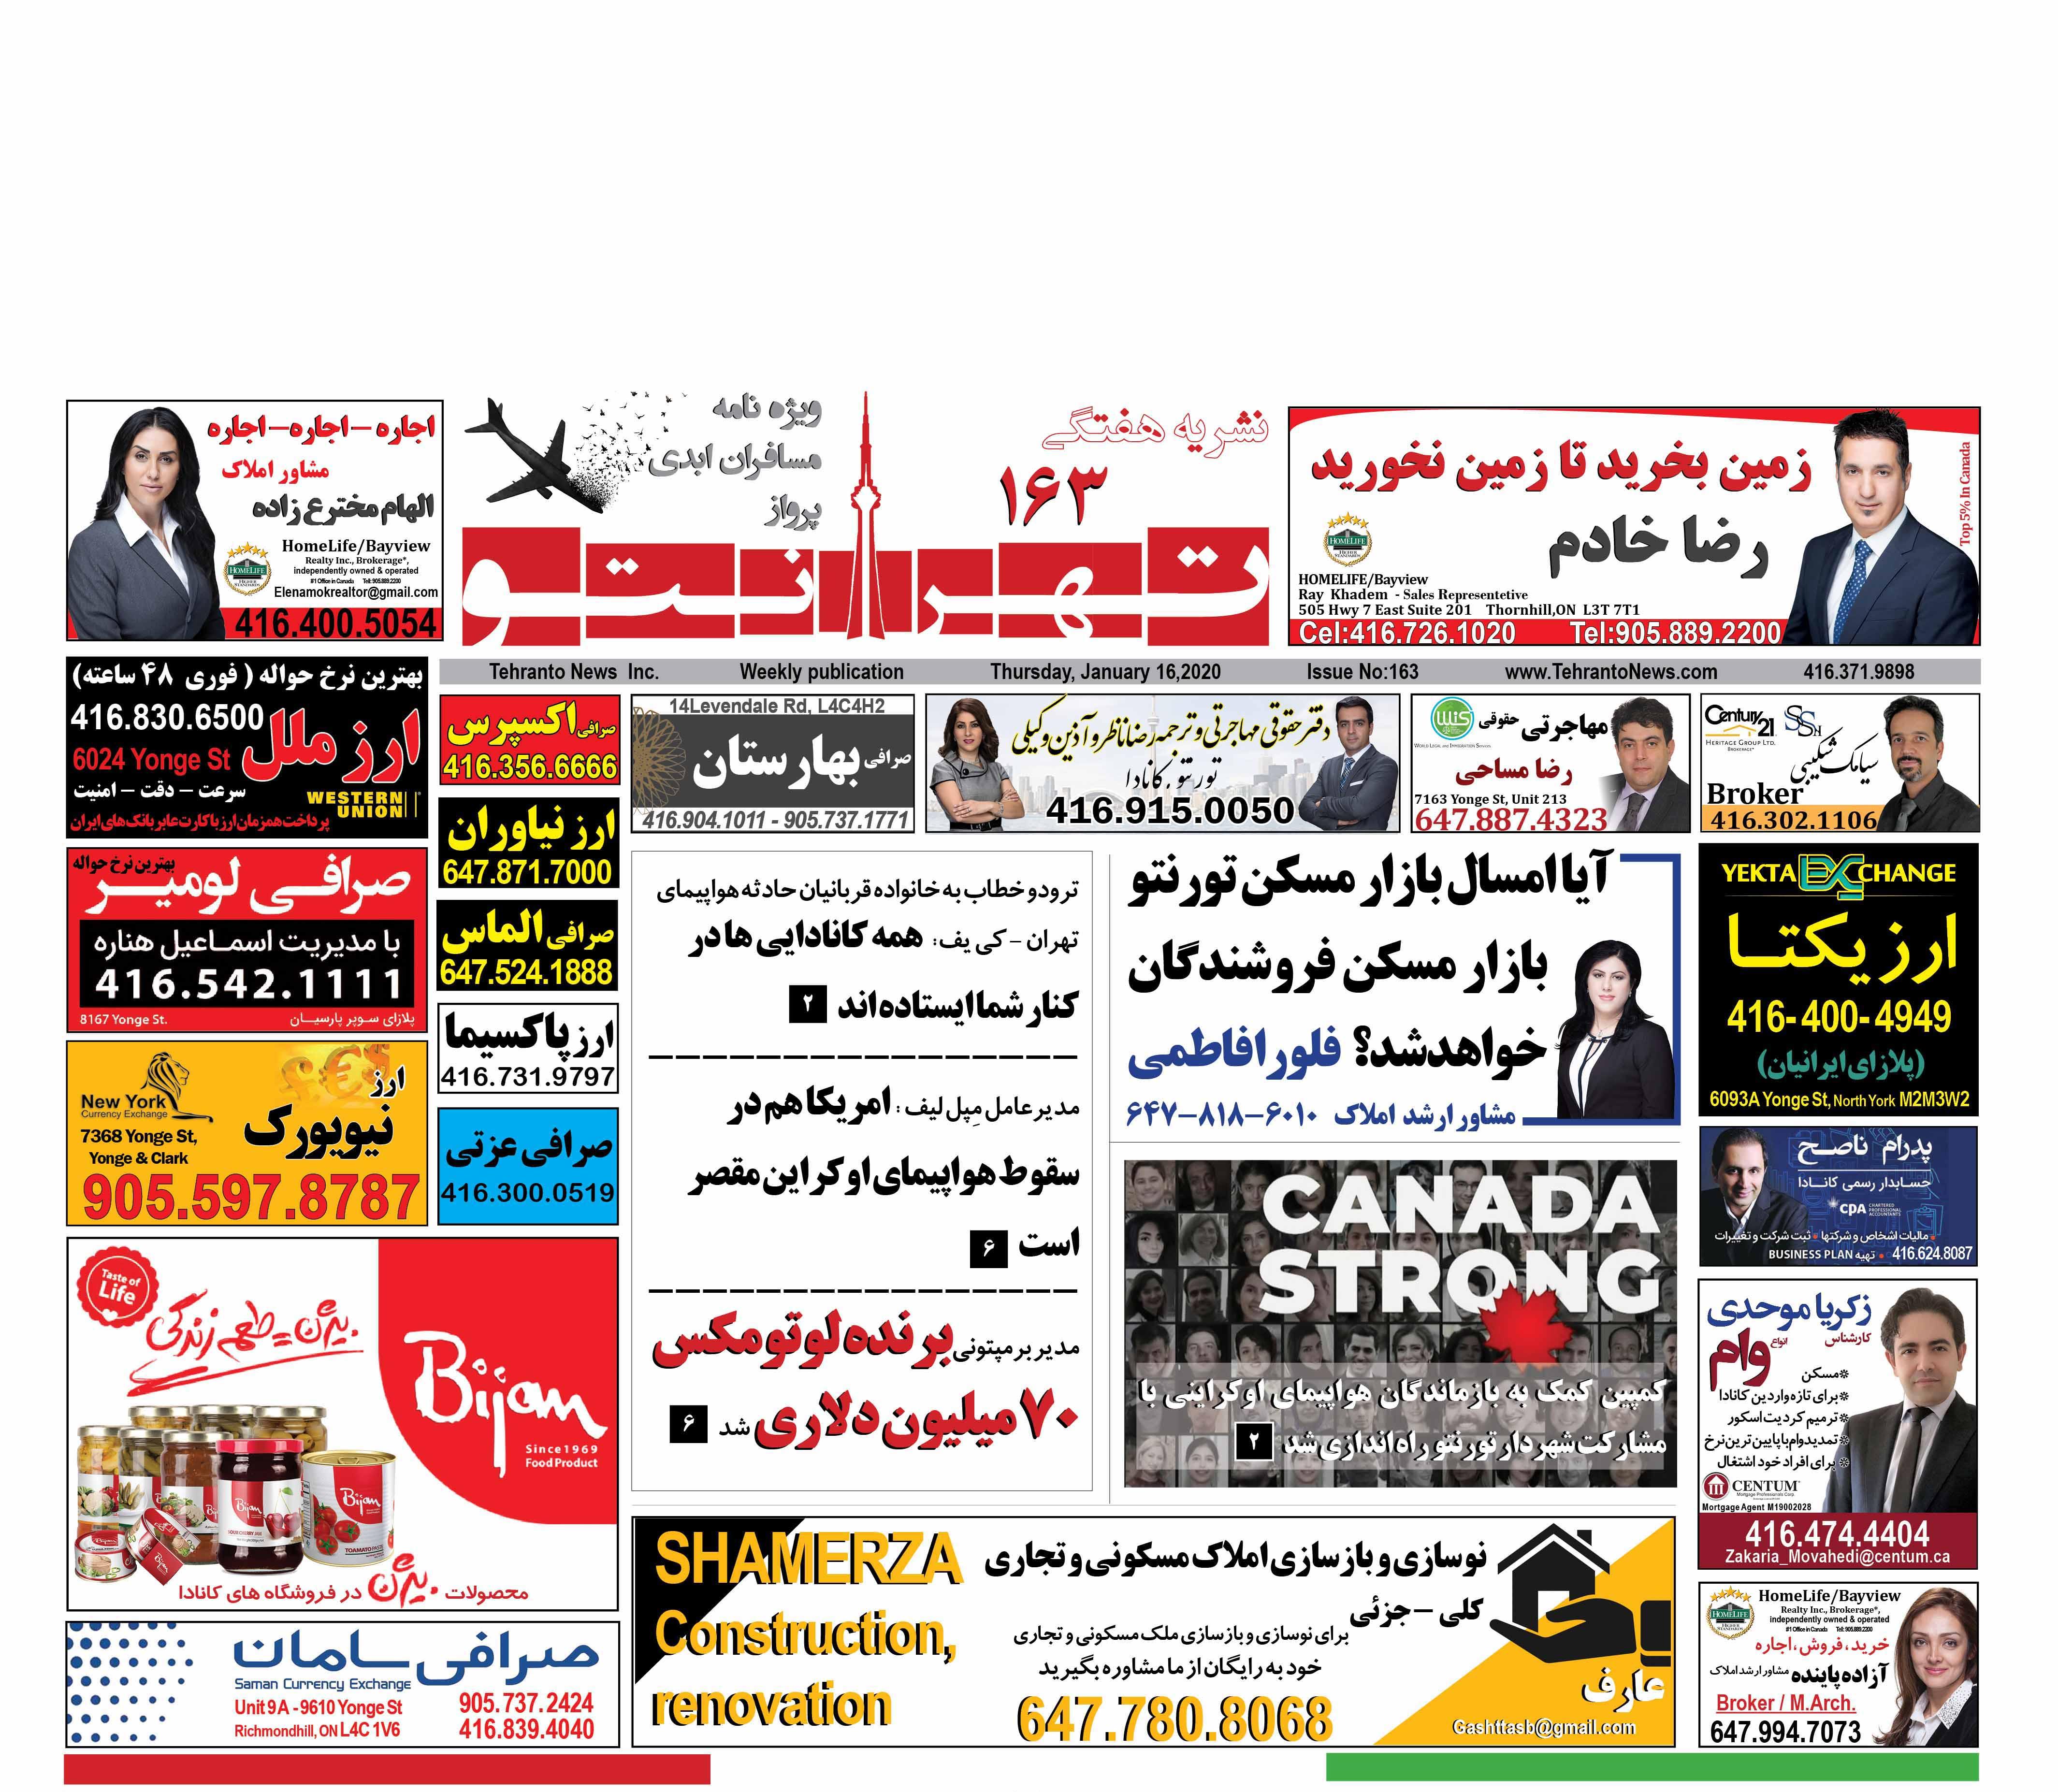 تصویر از نشریه شماره ۱۶۳ تهرانتو منتشر شد